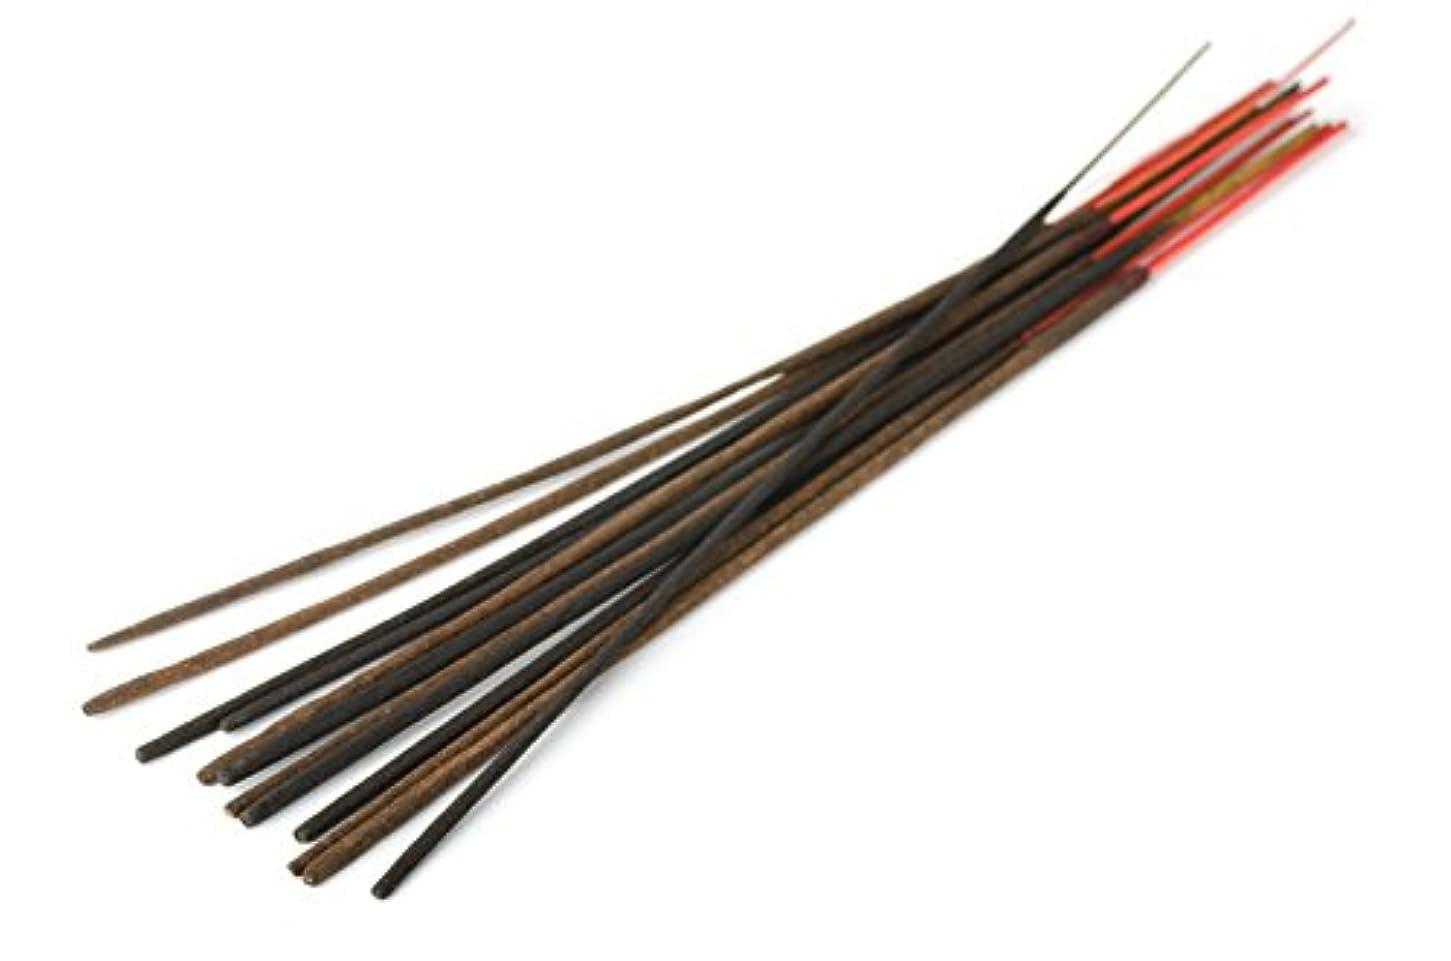 説教ホームレスカロリープレミアムハンドメイドMuscadine ( Grape ) Incense Stickバンドル – 90 to 100 Sticks Perバンドル – 各スティックは11.5インチ、には滑らかなクリーンBurn